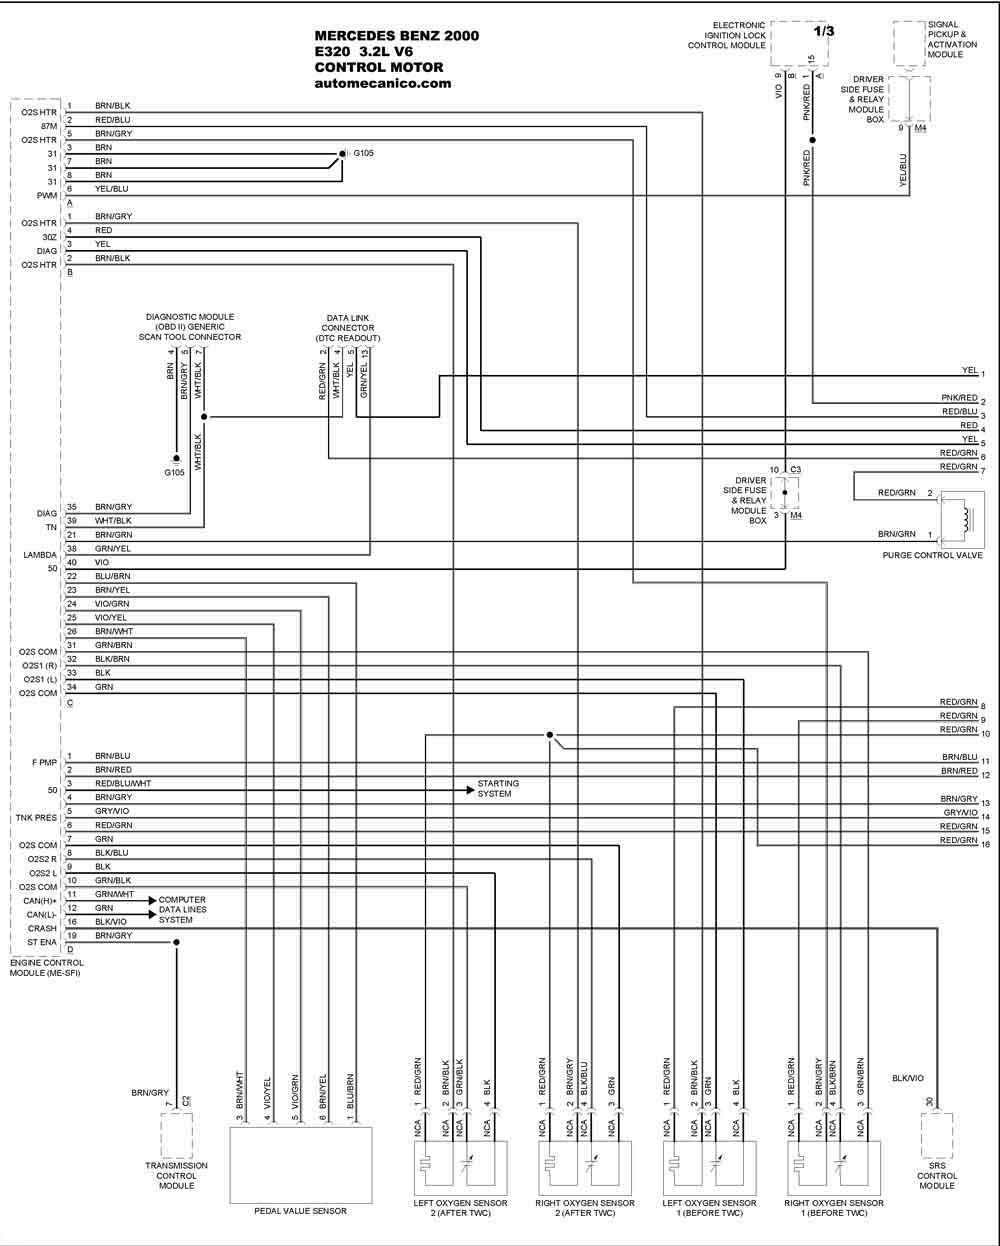 mercedes benz 2000 - diagramas control del motor - graphics - esquemas